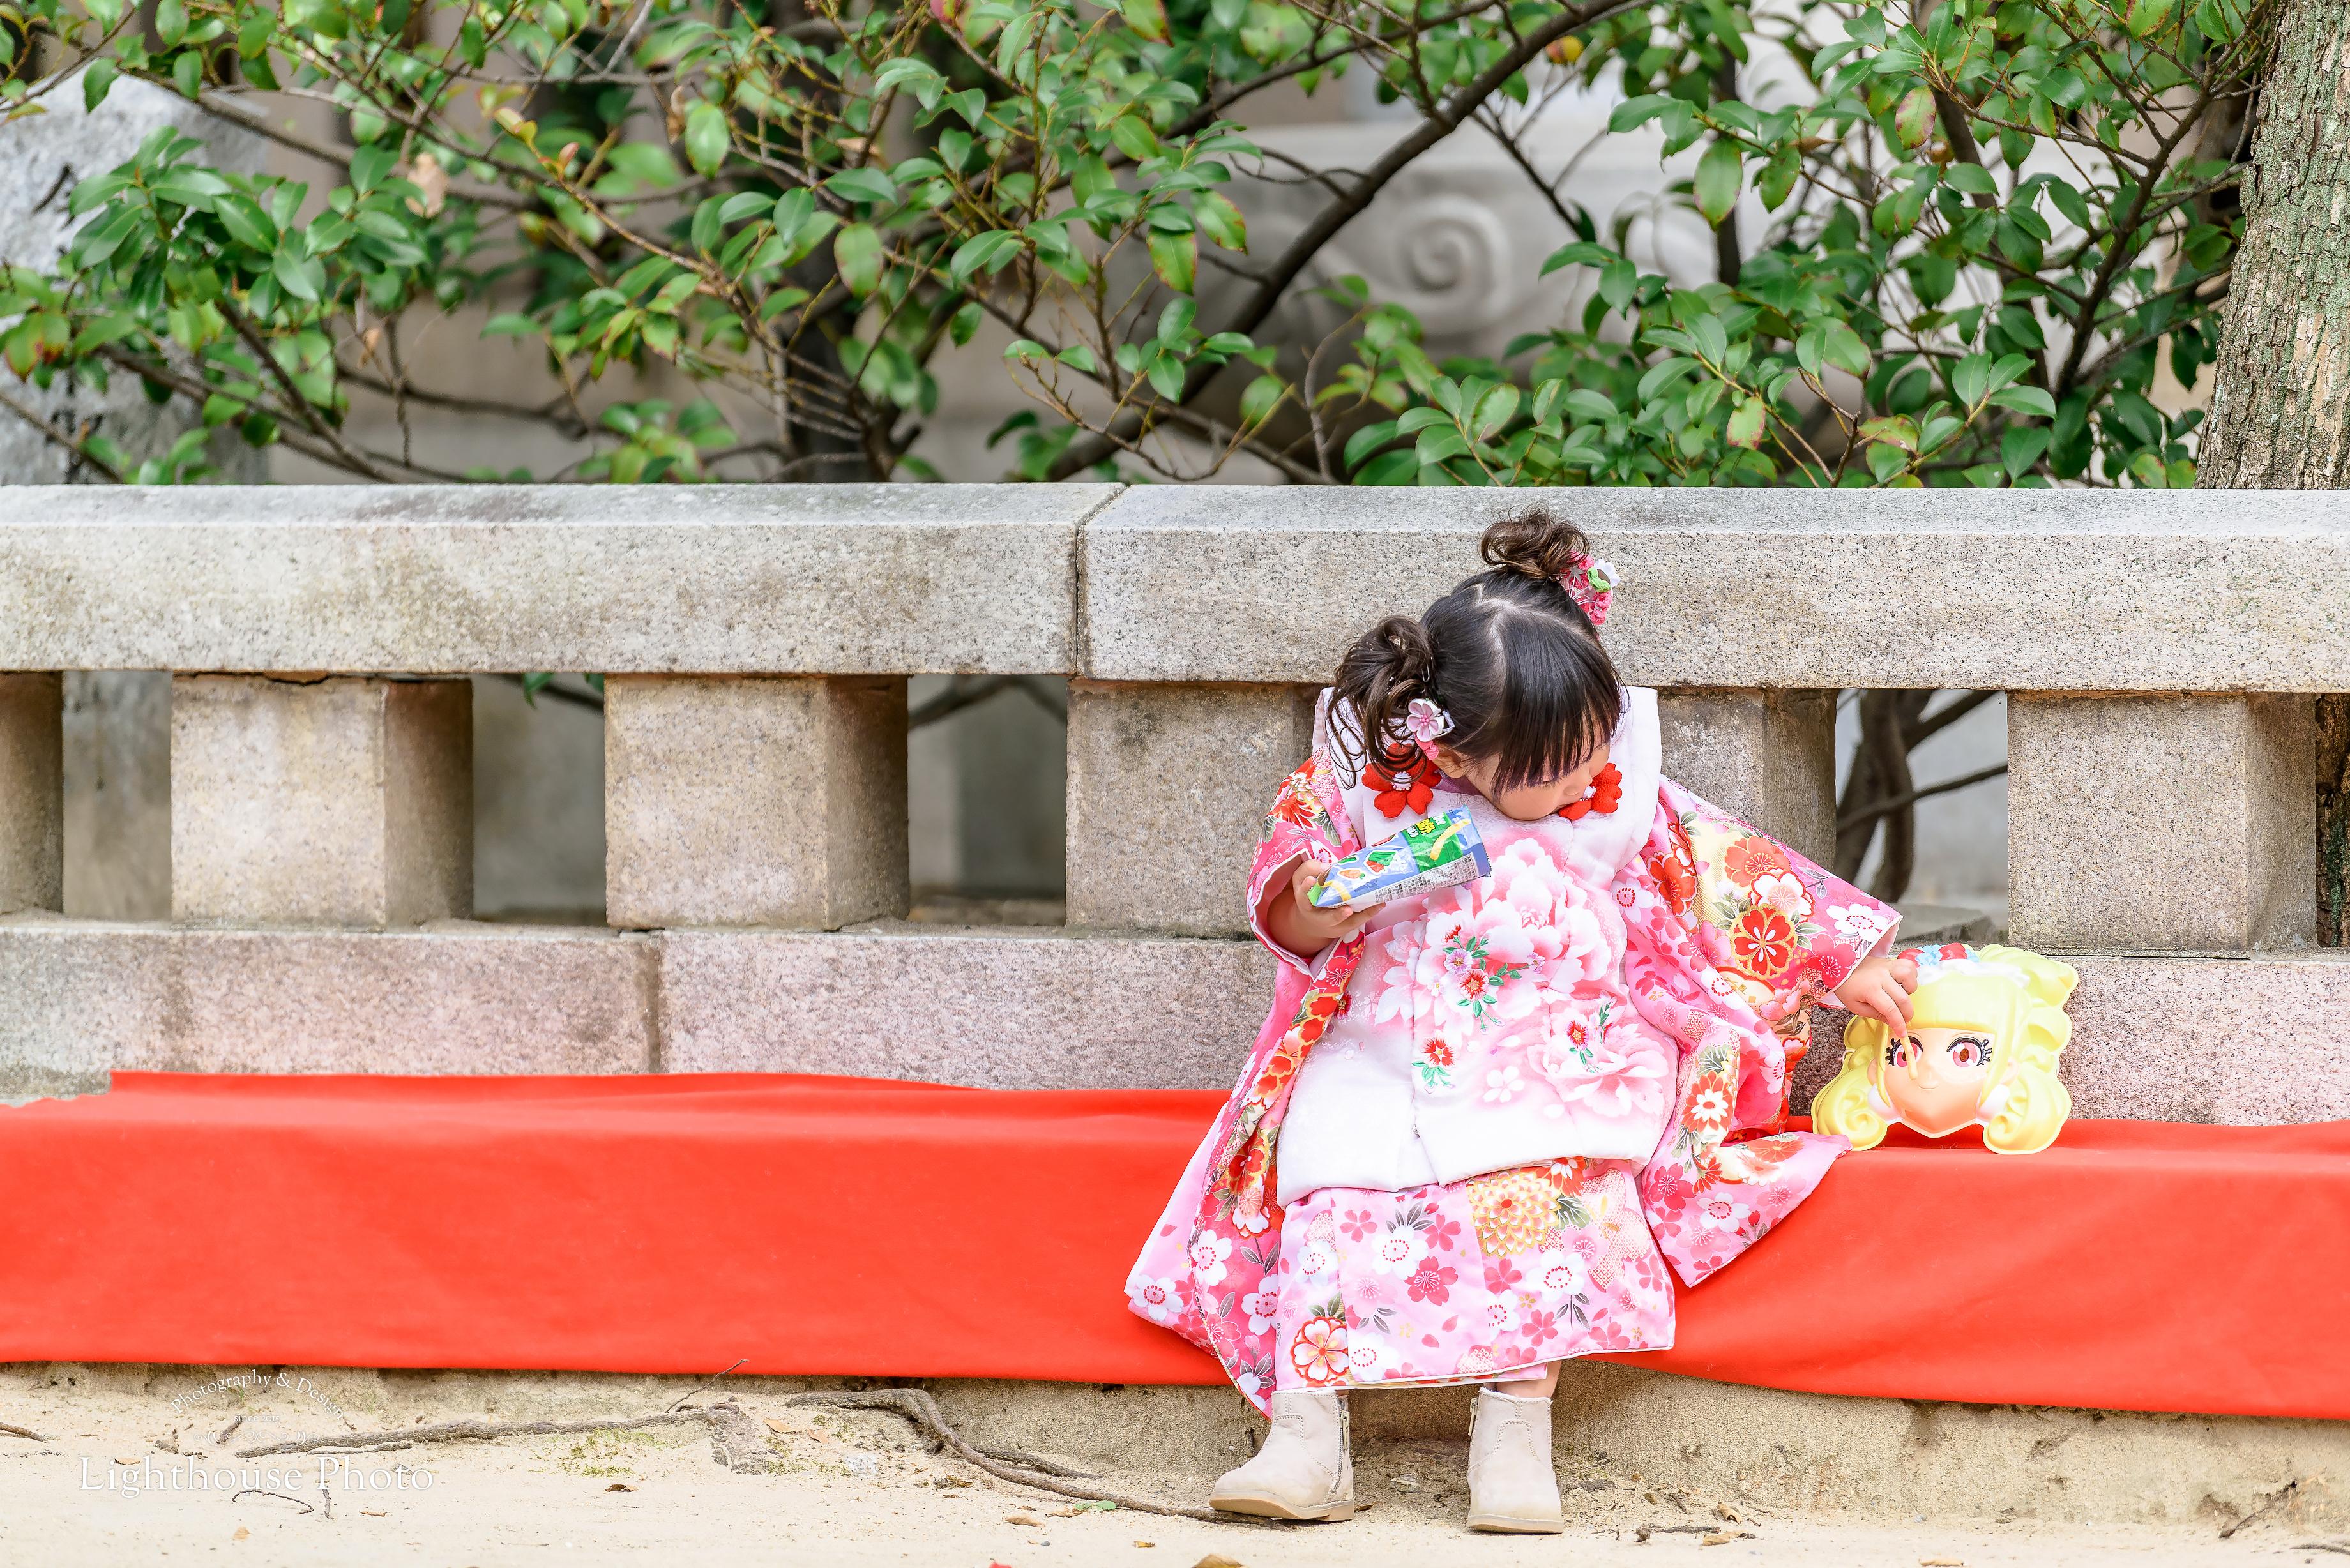 みどりのモミジと一緒に七五三のロケーション撮影@湊川神社-1